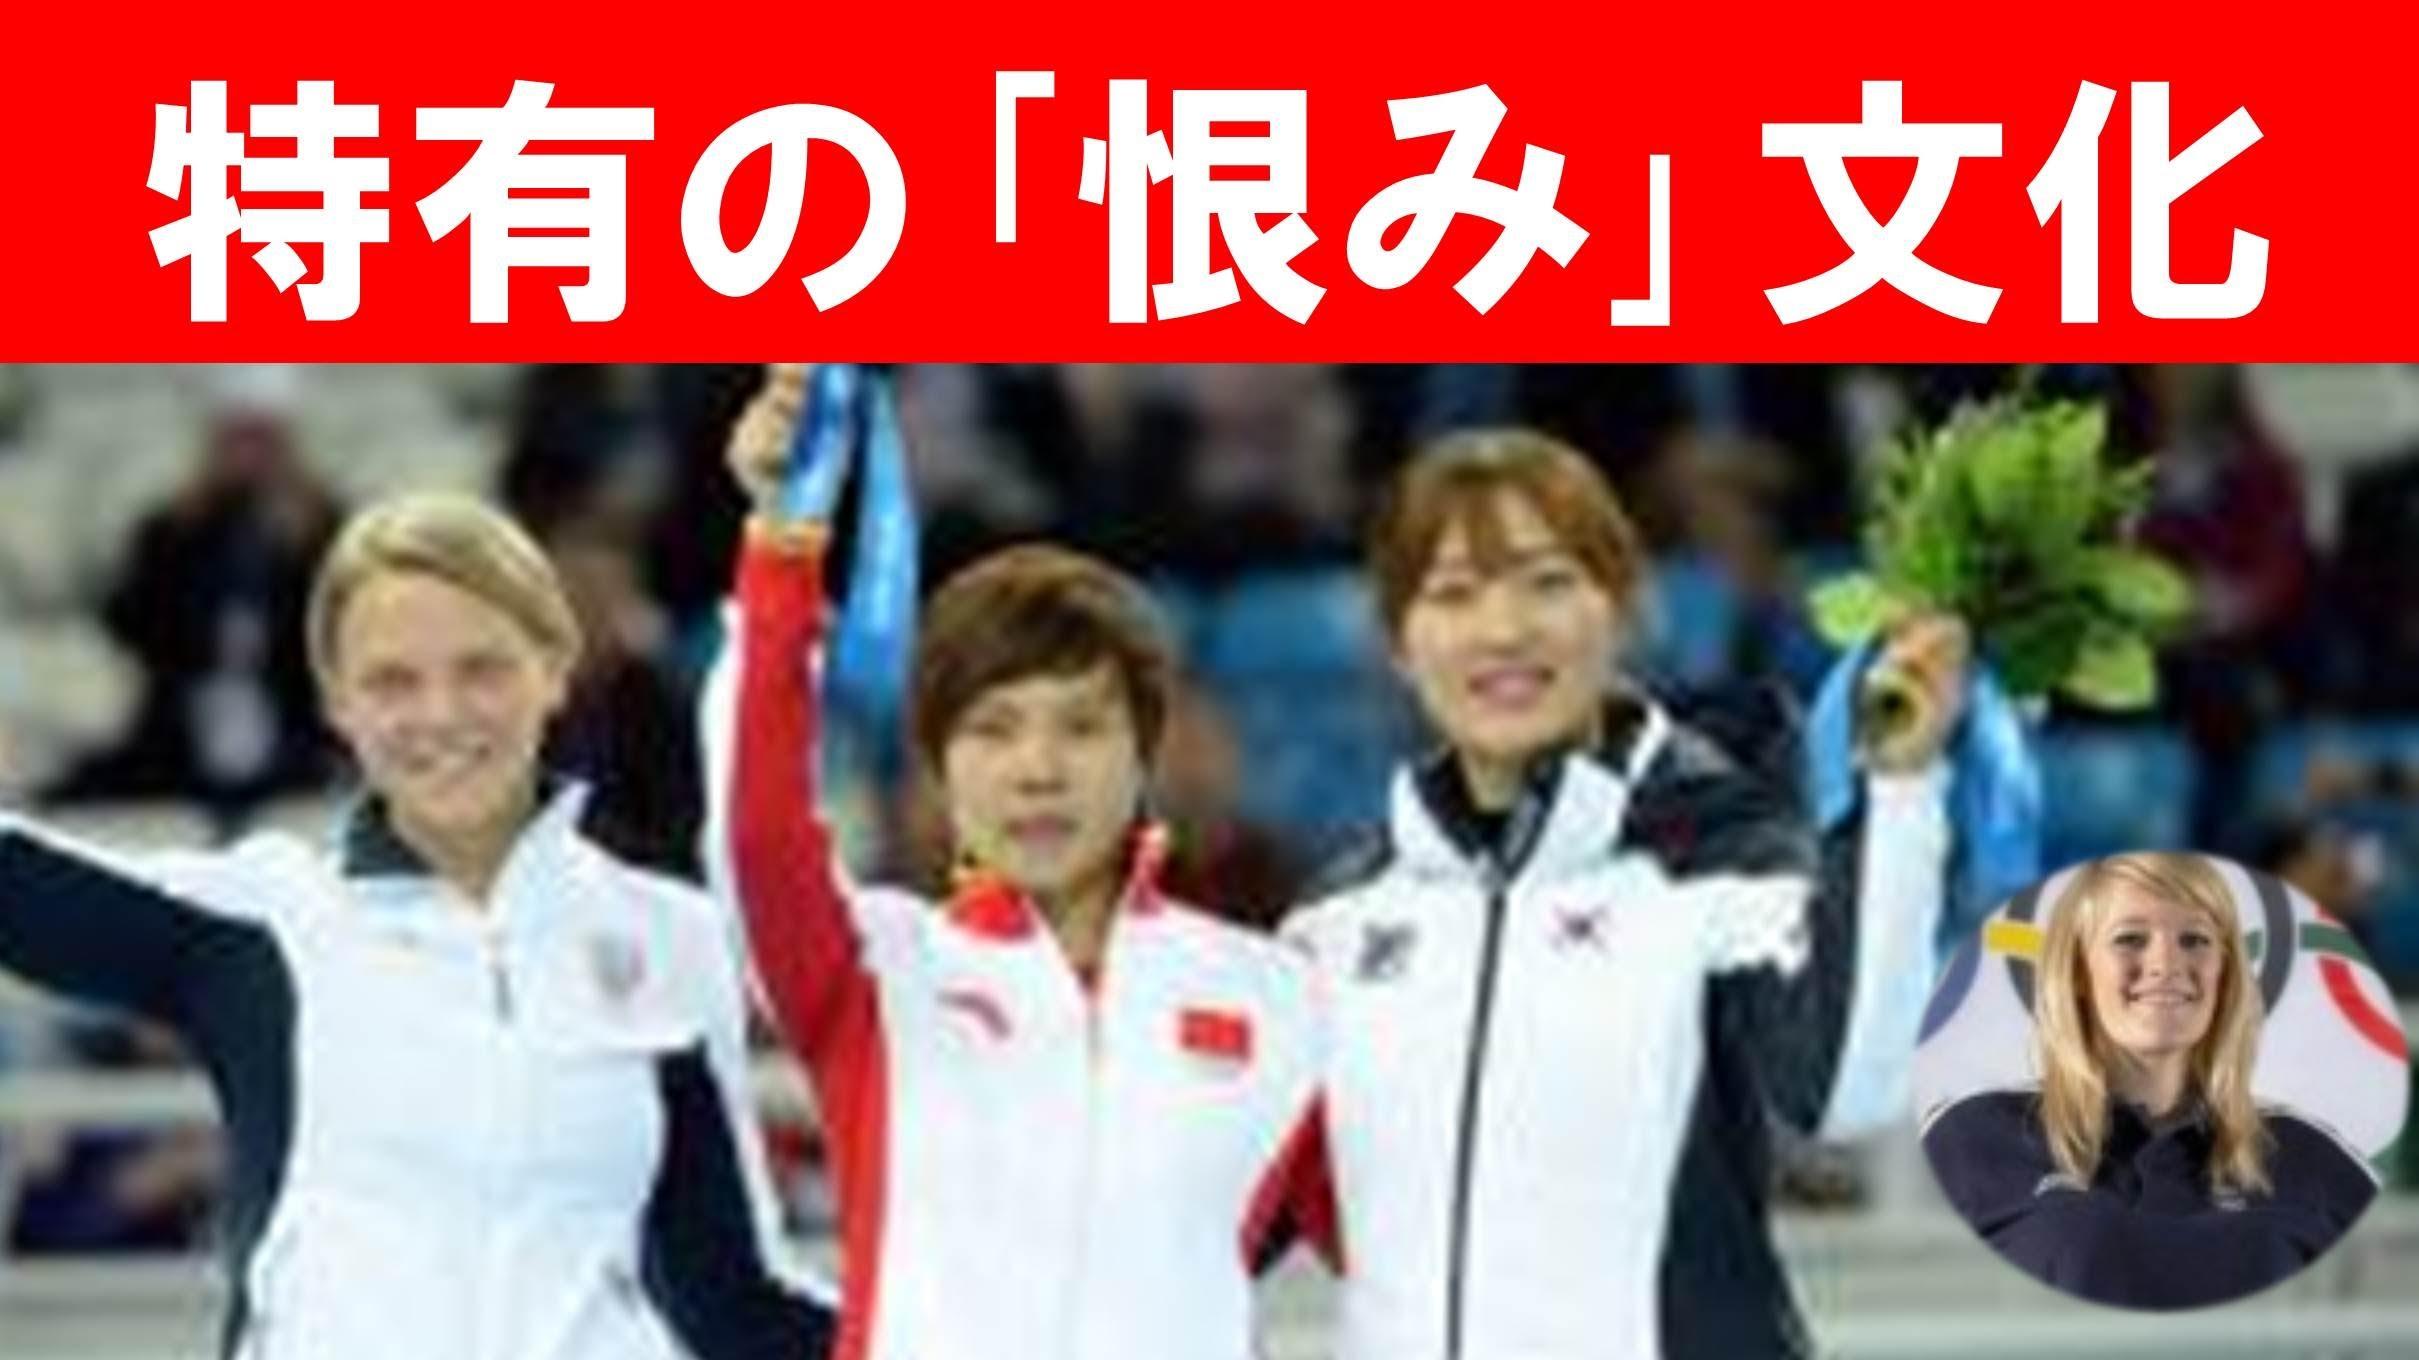 【五輪】 韓国の『恨』の文化は他国は理解不能~「永遠に許さない」英国選手に韓国から殺人予告や脅迫文 ショートトラックで韓国選手巻き込み転倒